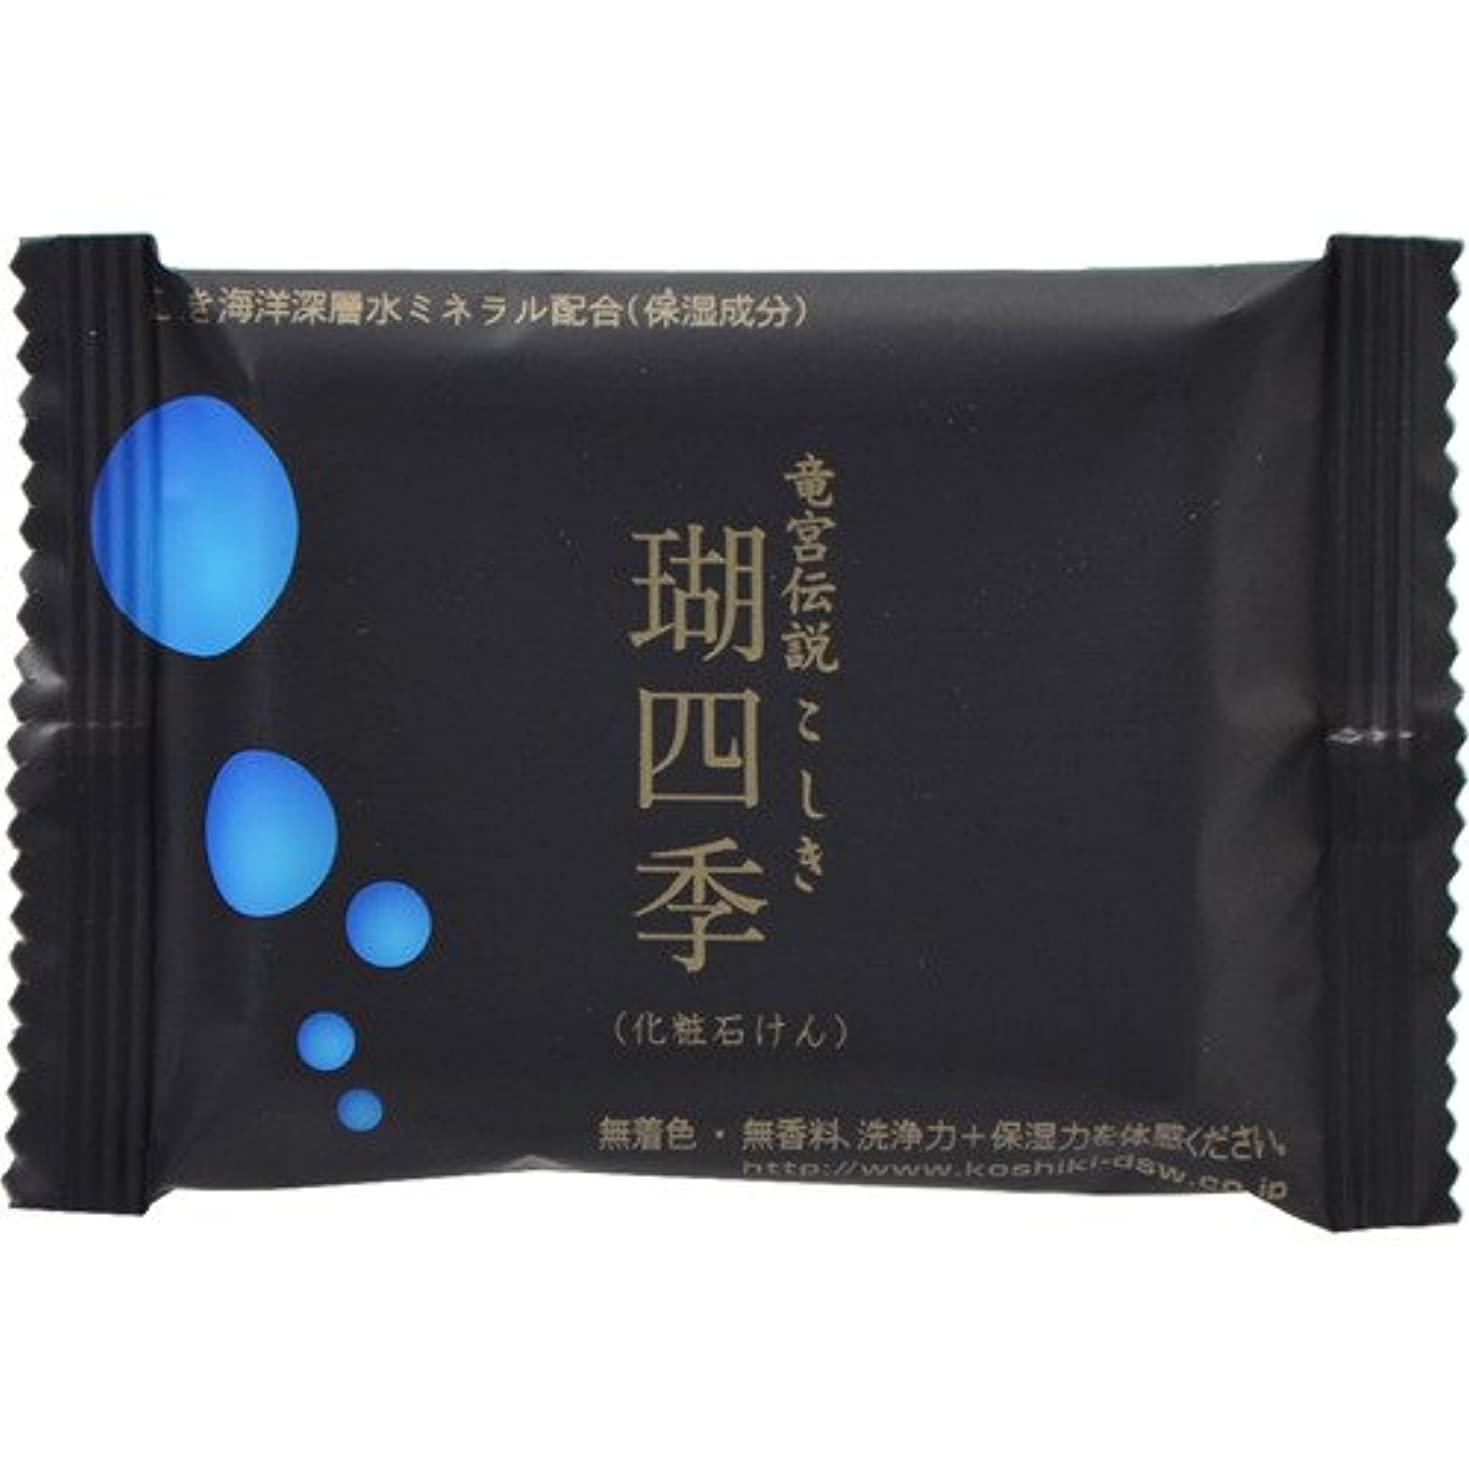 瑚四季 化粧石鹸 30g